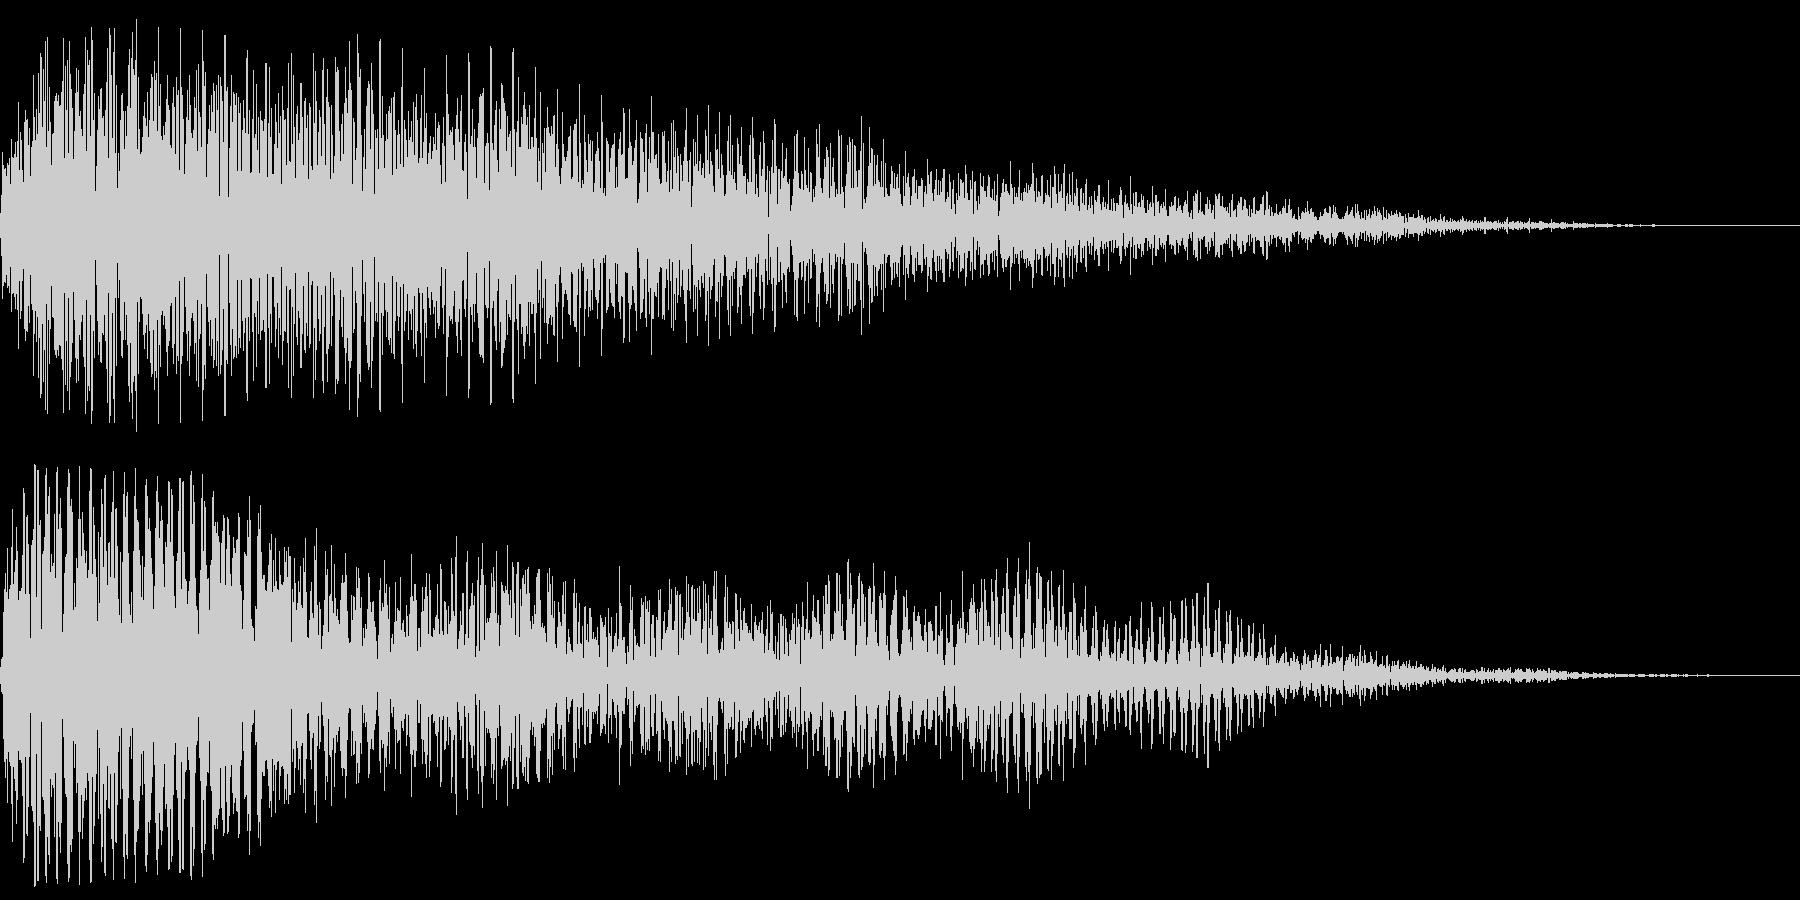 ホラーにありそうな効果音です。暗く低い…の未再生の波形